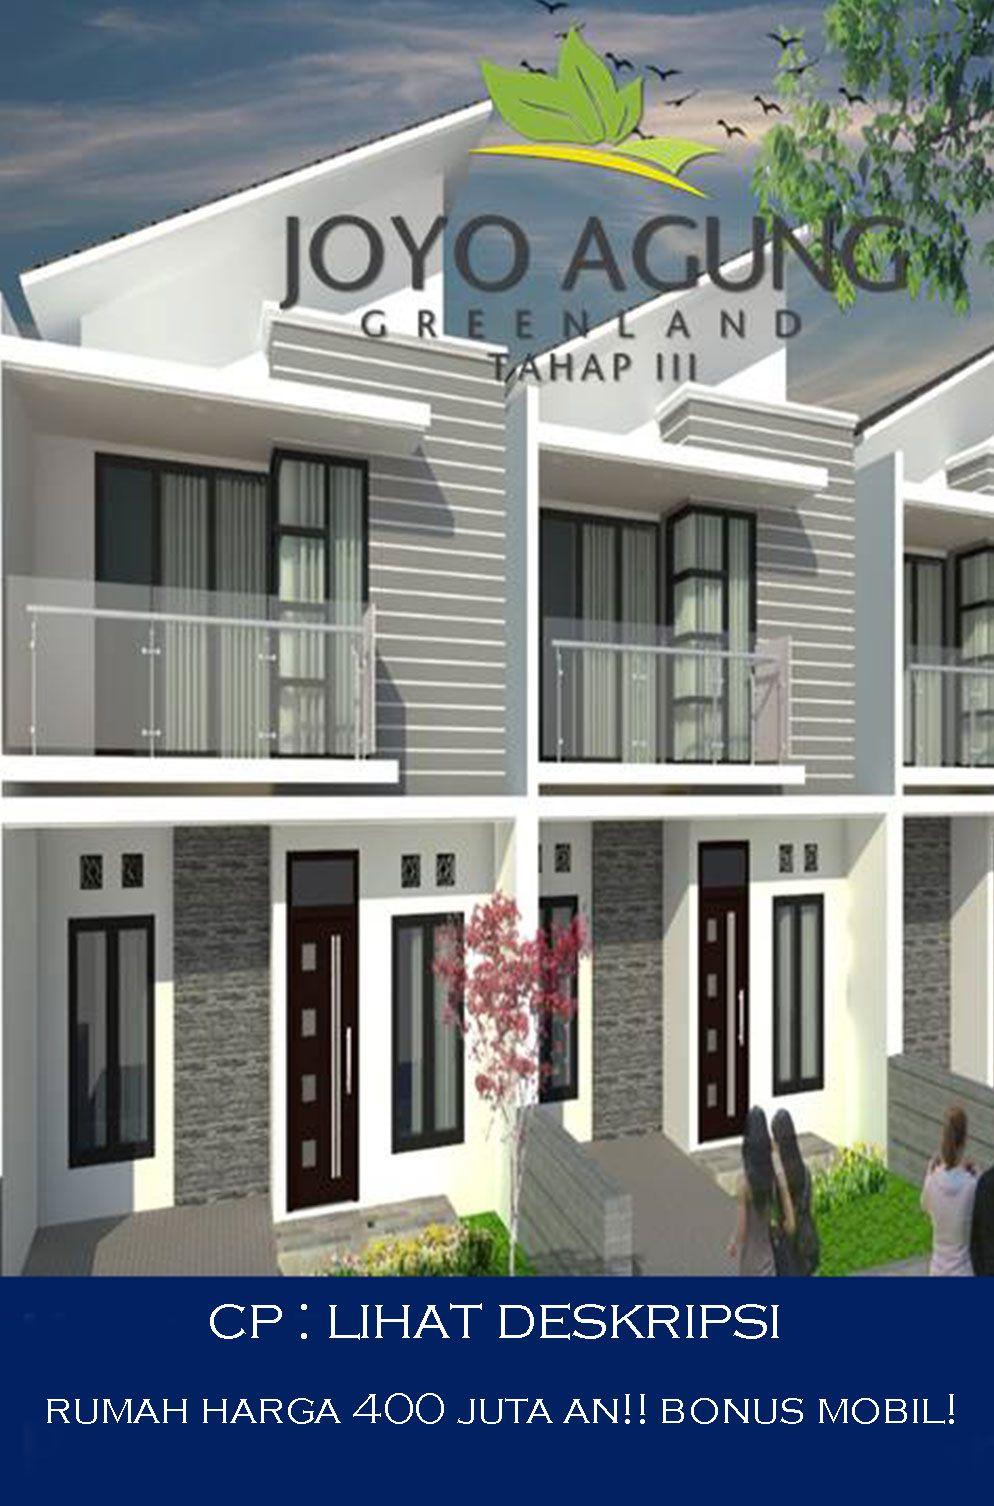 Rumah Sekitar Dinoyo Malang 400jutaan Hubungi Telp Wa 0856 5583 0073 Rumah Home Fashion Rumah Mewah